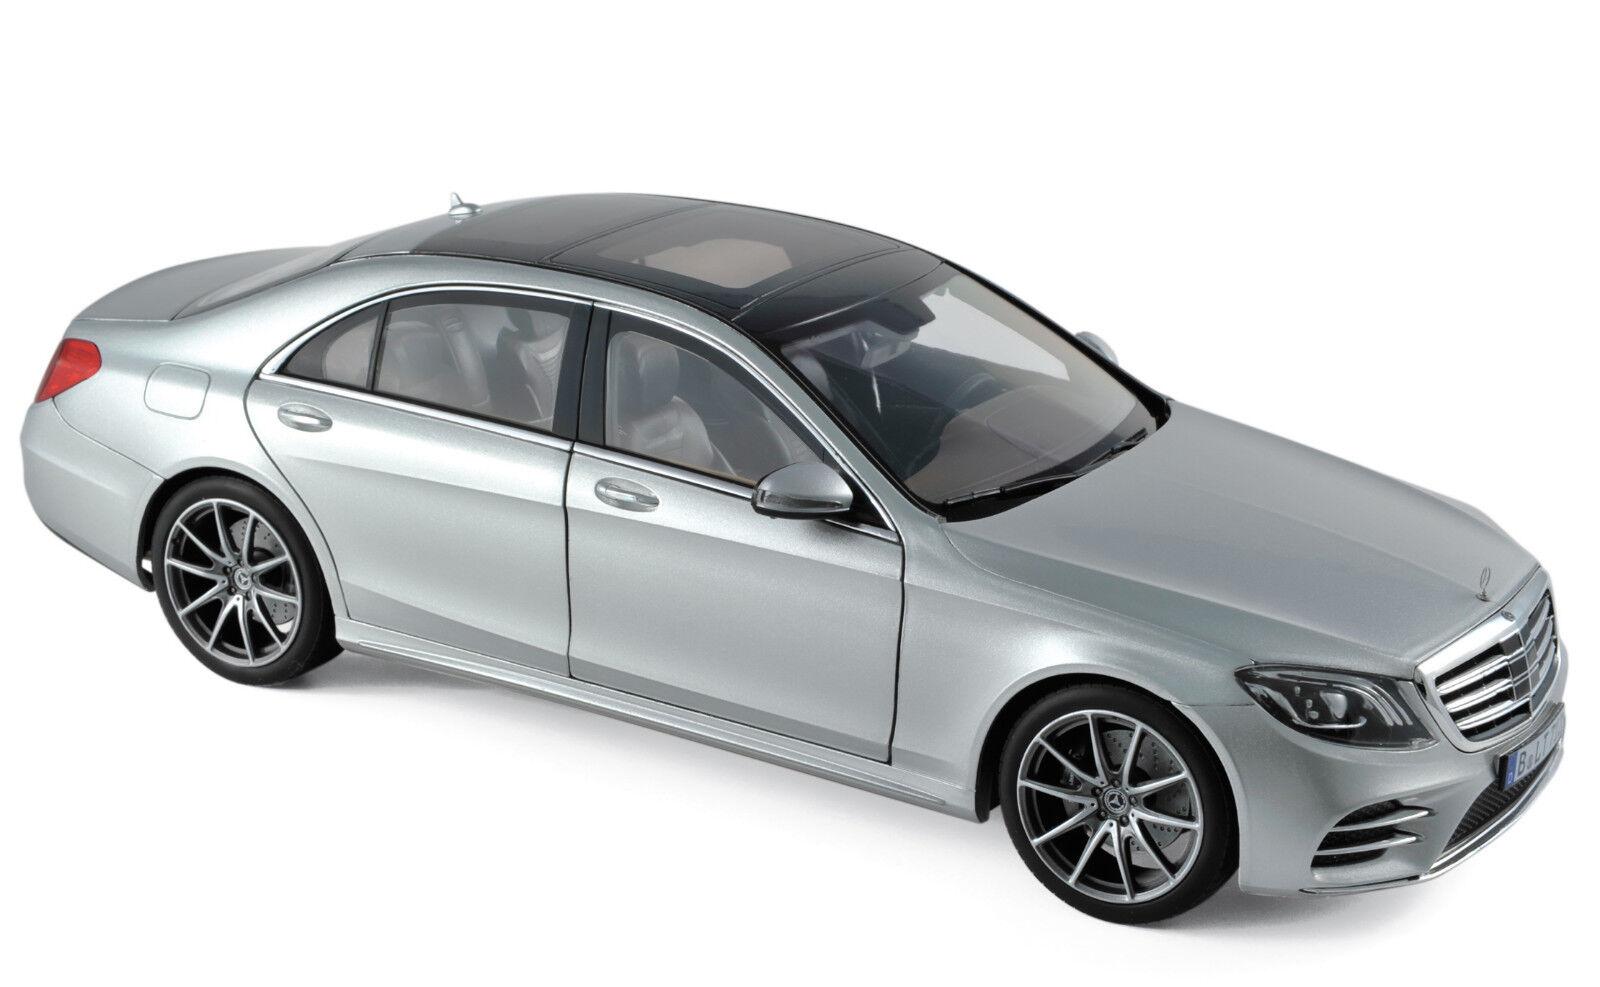 Mercedes-Benz S-Klasse AMG-Line silber Baujahr 2018 Maßstab 1 18 von Norev    Ermäßigung